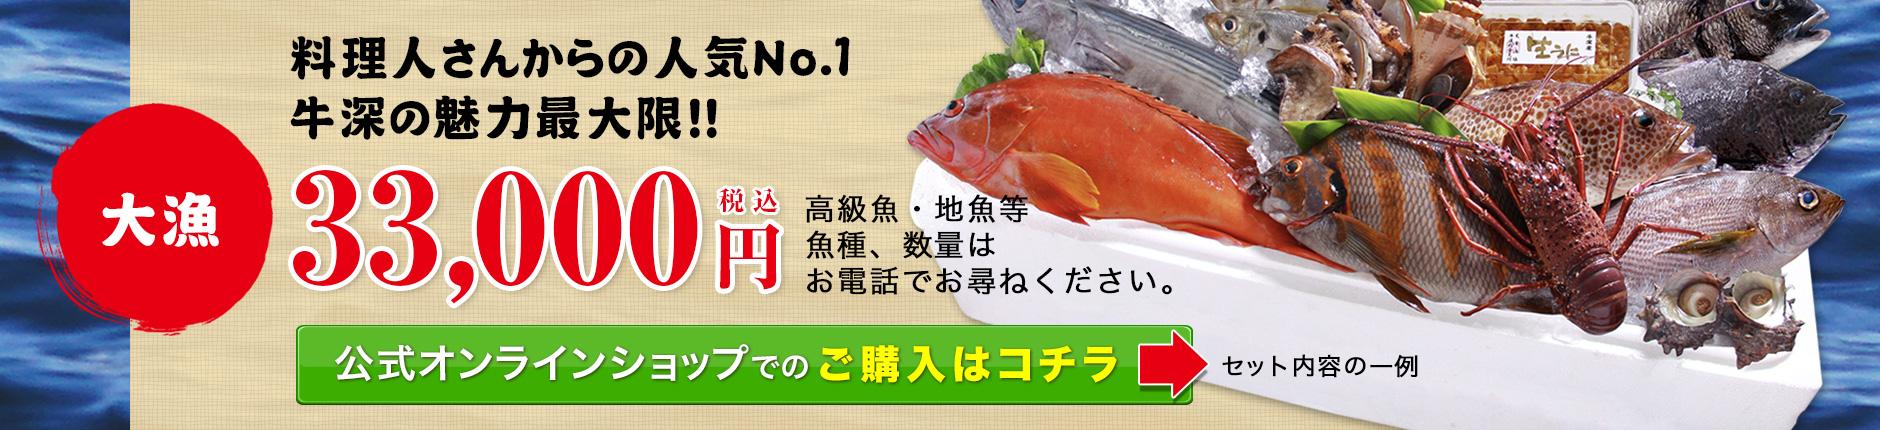 大漁33000円セットのお取り寄せ。料理人さんからの人気No.1牛深の魅力最大限!高級魚・地魚等魚種、数量はお電話でお尋ねください。